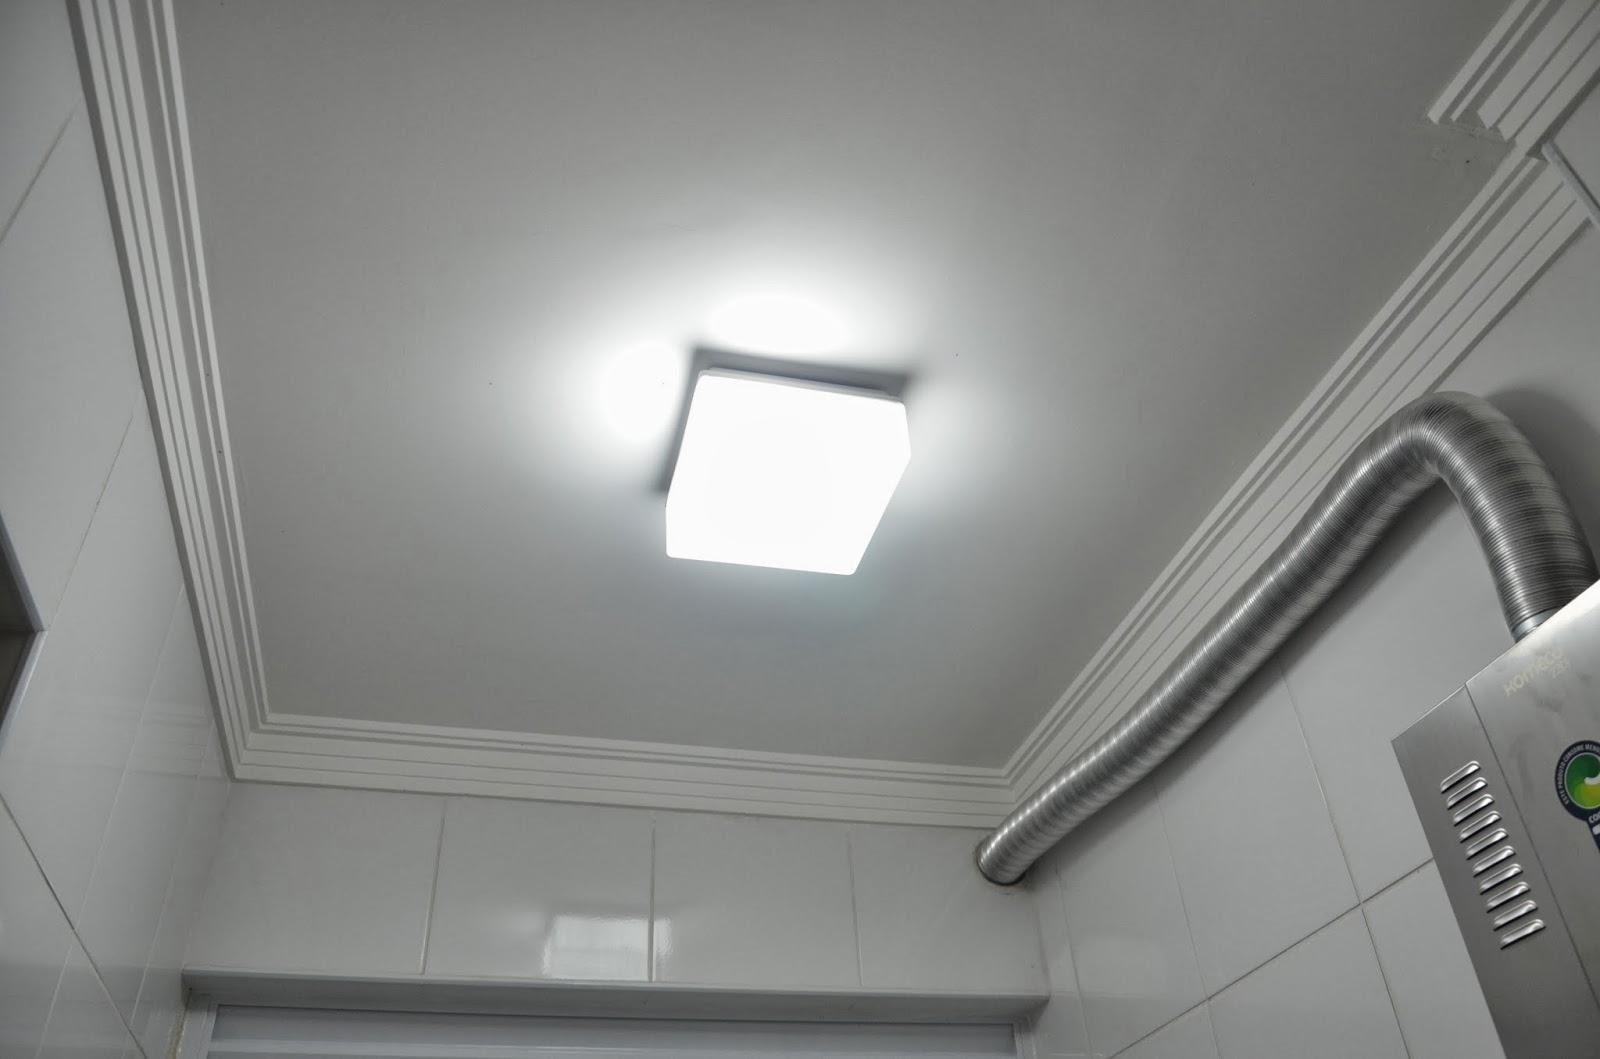 #57594F Plafon de 20cm x 20cm em acrílico leitoso para 2 lâmpadas E27 1642 Janela De Aluminio Lavanderia